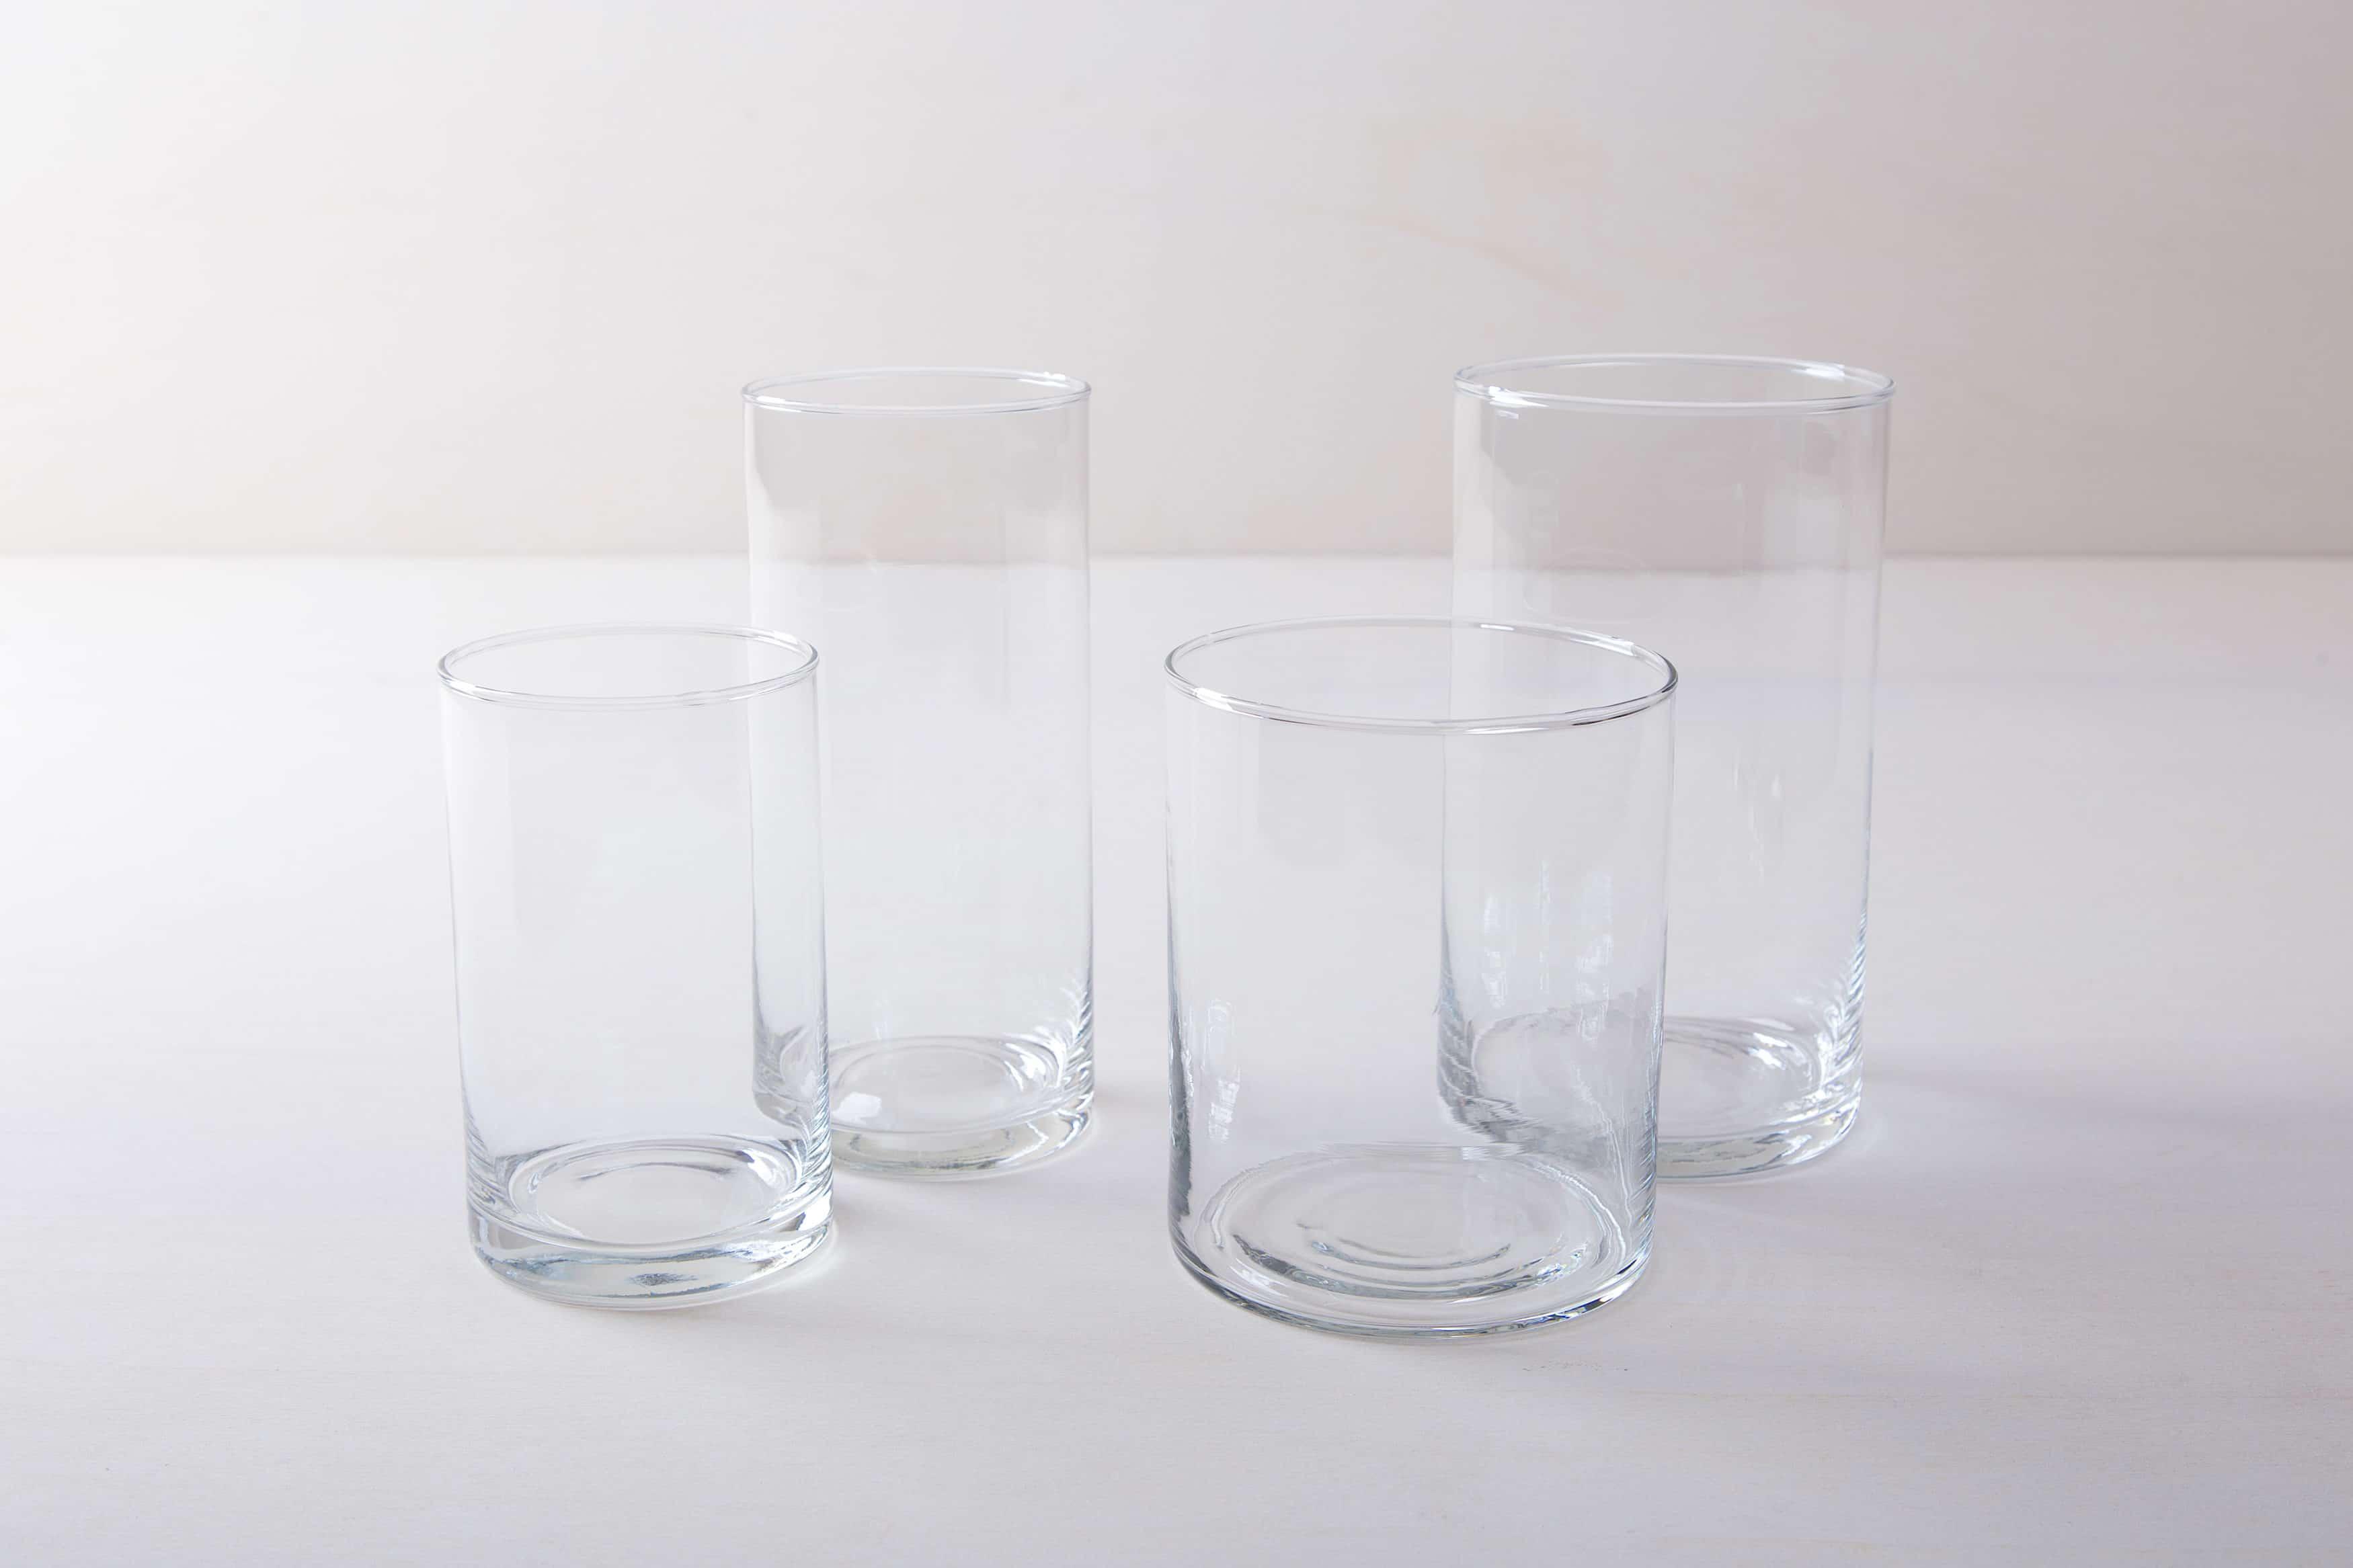 Ganz schlicht und elegant ist Glasvase Bacoya. Dieser unaufdringliche Glaszylinder setzt Blumensträuße innen wie außen gut in Szene und stielt den bunten Blumen dabei nicht die Show. Ob sommerliche Gartenparty oder elegante Winterhochzeit– Blumenvase Bacoya passt zu vielen Veranstaltungen und Farben. Den Glaszylinder, mit dem Durchmesser 9 cm und einer Höhe von 19 cm, kannst Du mit einer Kerze auch als Windlicht mieten. Kombiniert mit den verschiedenen zylindrischen Größen der Bacoya Serie, ergibt sich bei Deinem Event ein stimmige Bild.